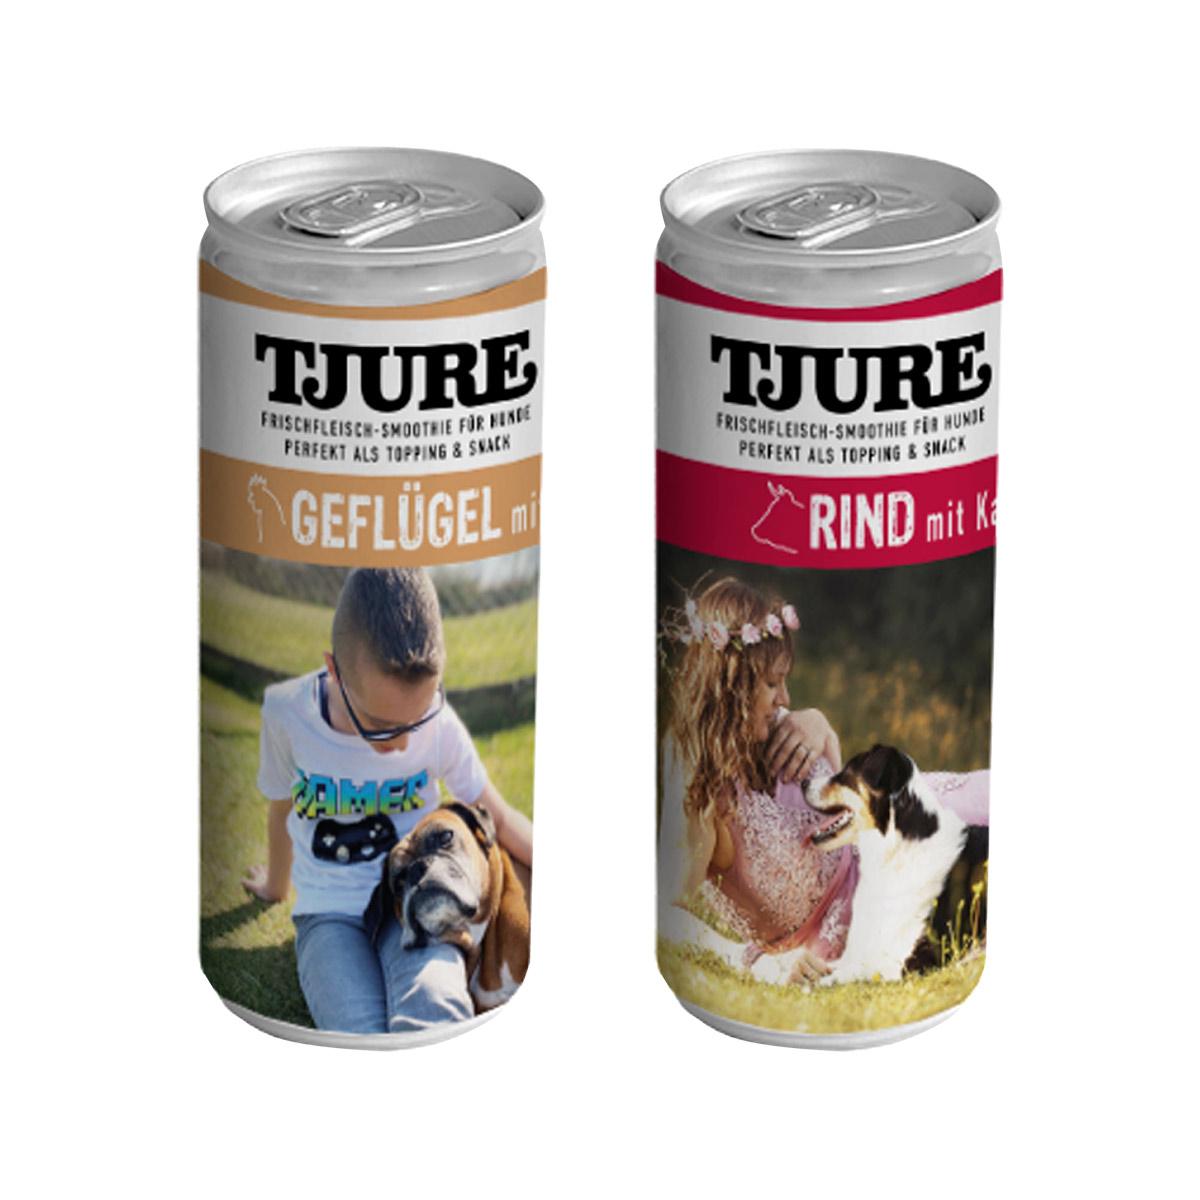 TJURE Fleisch-Smoothie für Hunde 3 x Geflügel 3 x Rind